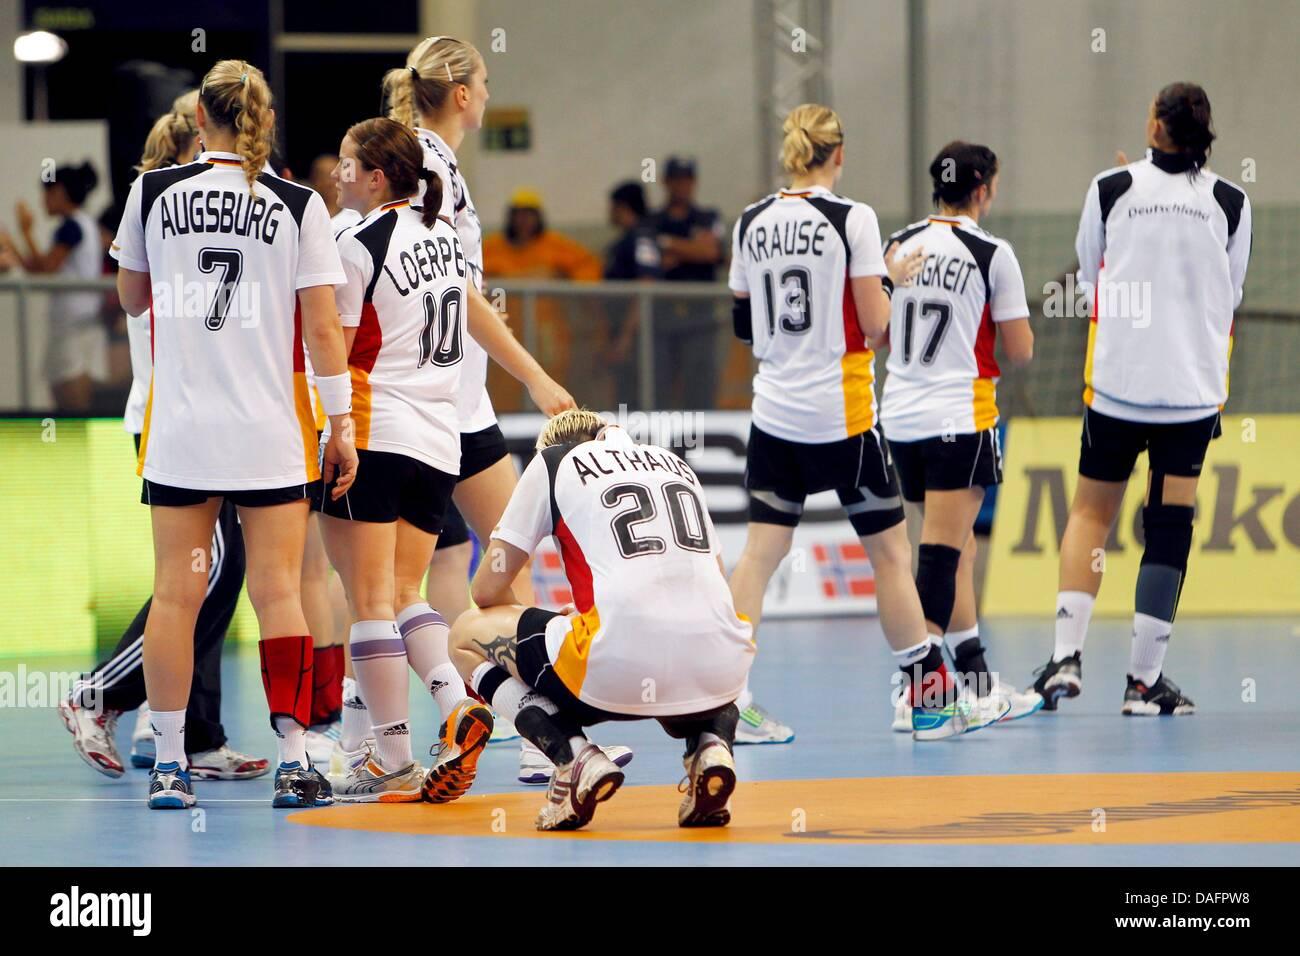 El Equipo De Alemania Camina Fuera Del Terreno De Juego Después De Perder El Campeonato Mundial De Balonmano Femenino Grupo Un Partido Contra Islandia En Santos Brasil 7 De Diciembre De 2011